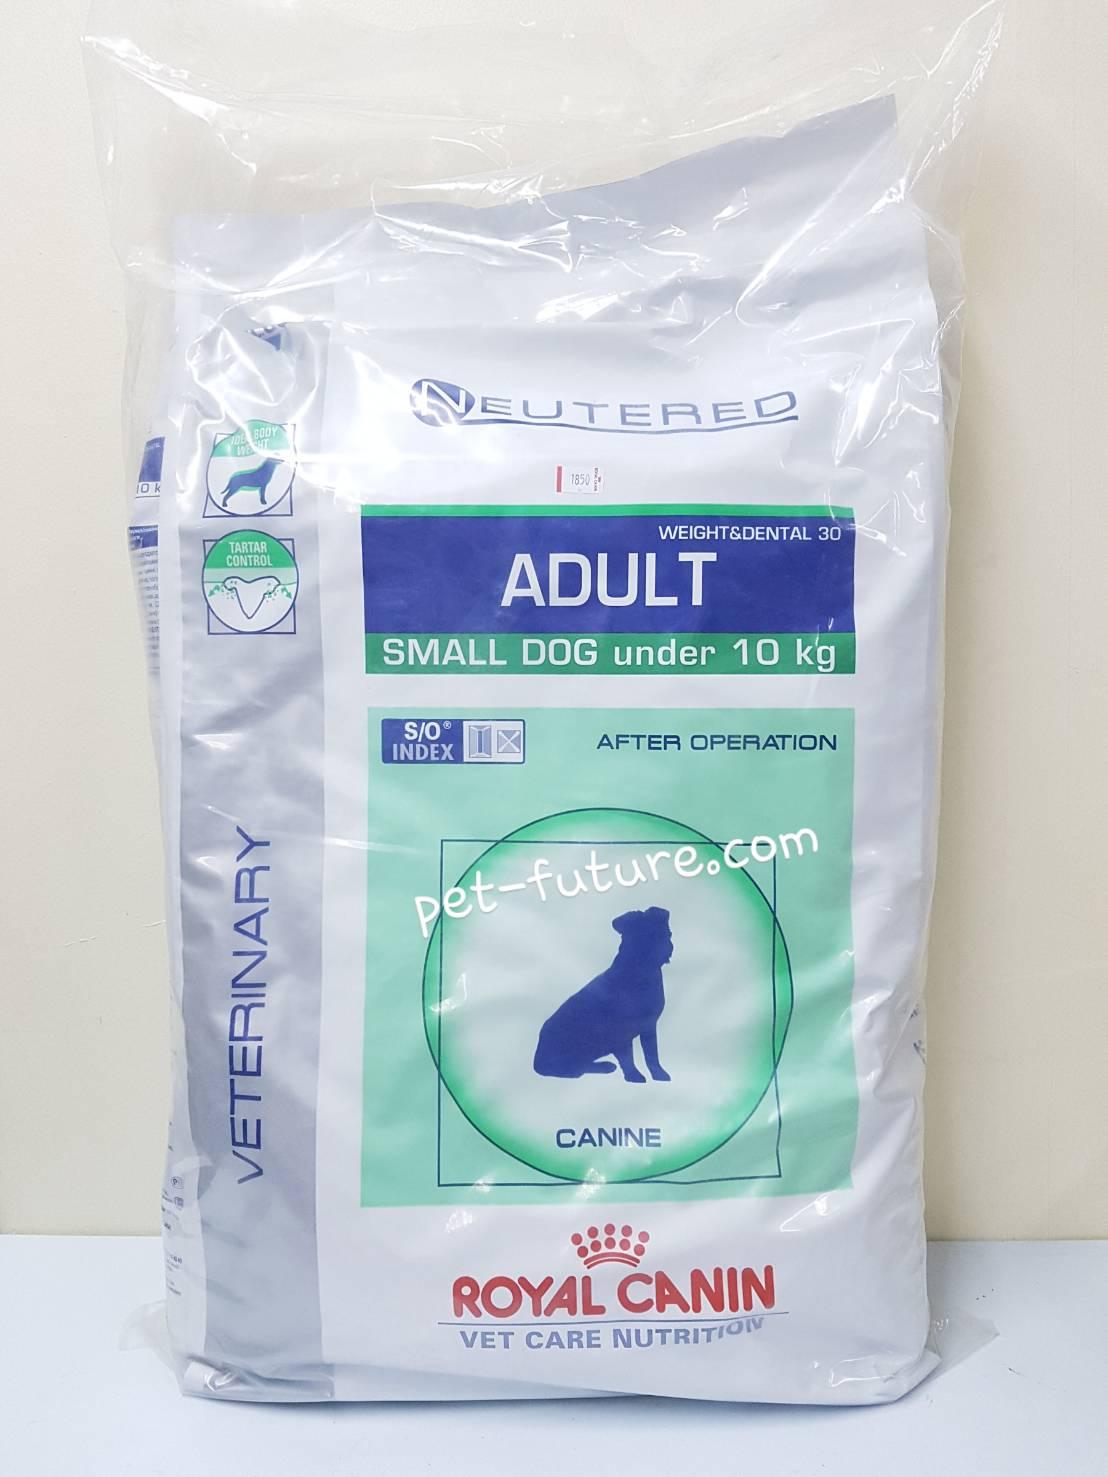 vcn neutered adult small dog 8 kg. สำหรับสุนัขพันธ์เล็กทำหมันแล้ว พร้อมส่ง Exp.09/18